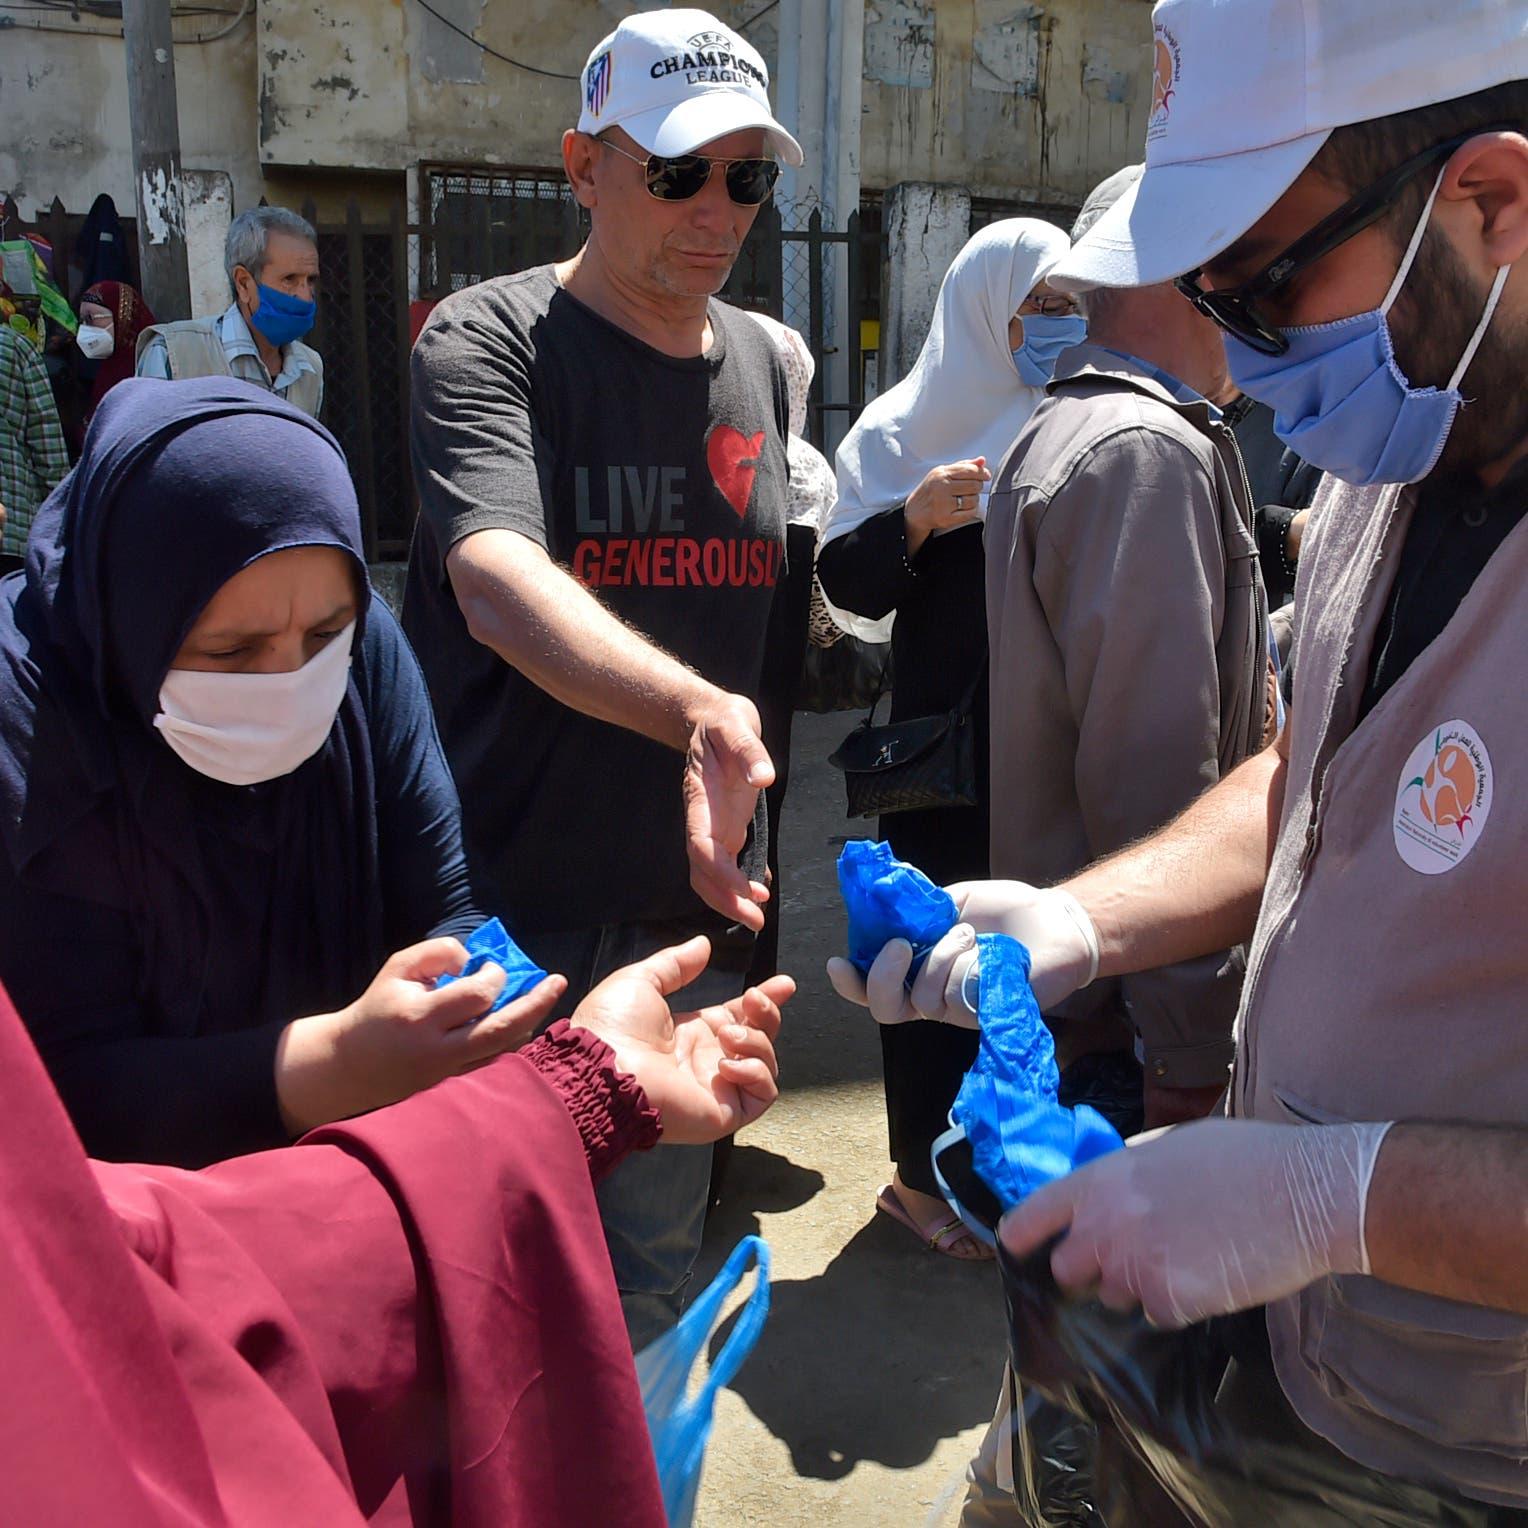 كورونا.. 119 إصابة جديدة بالجزائر و13 حالة شفاء بالأردن